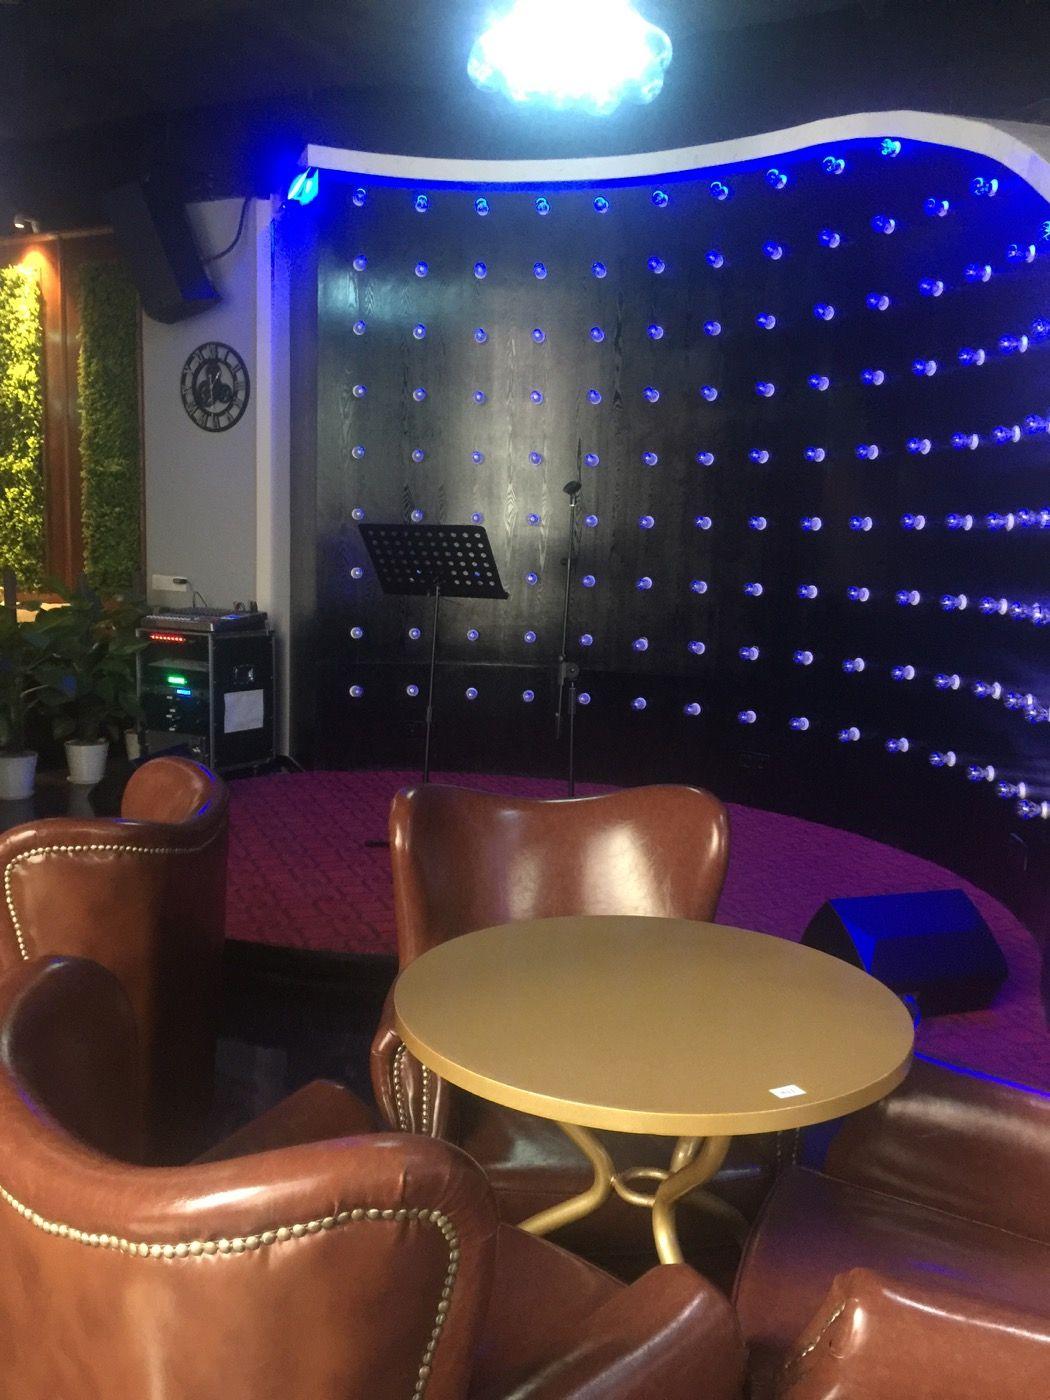 酷咔电影音乐餐吧酷咔电影音乐餐吧2人餐-北京美团网